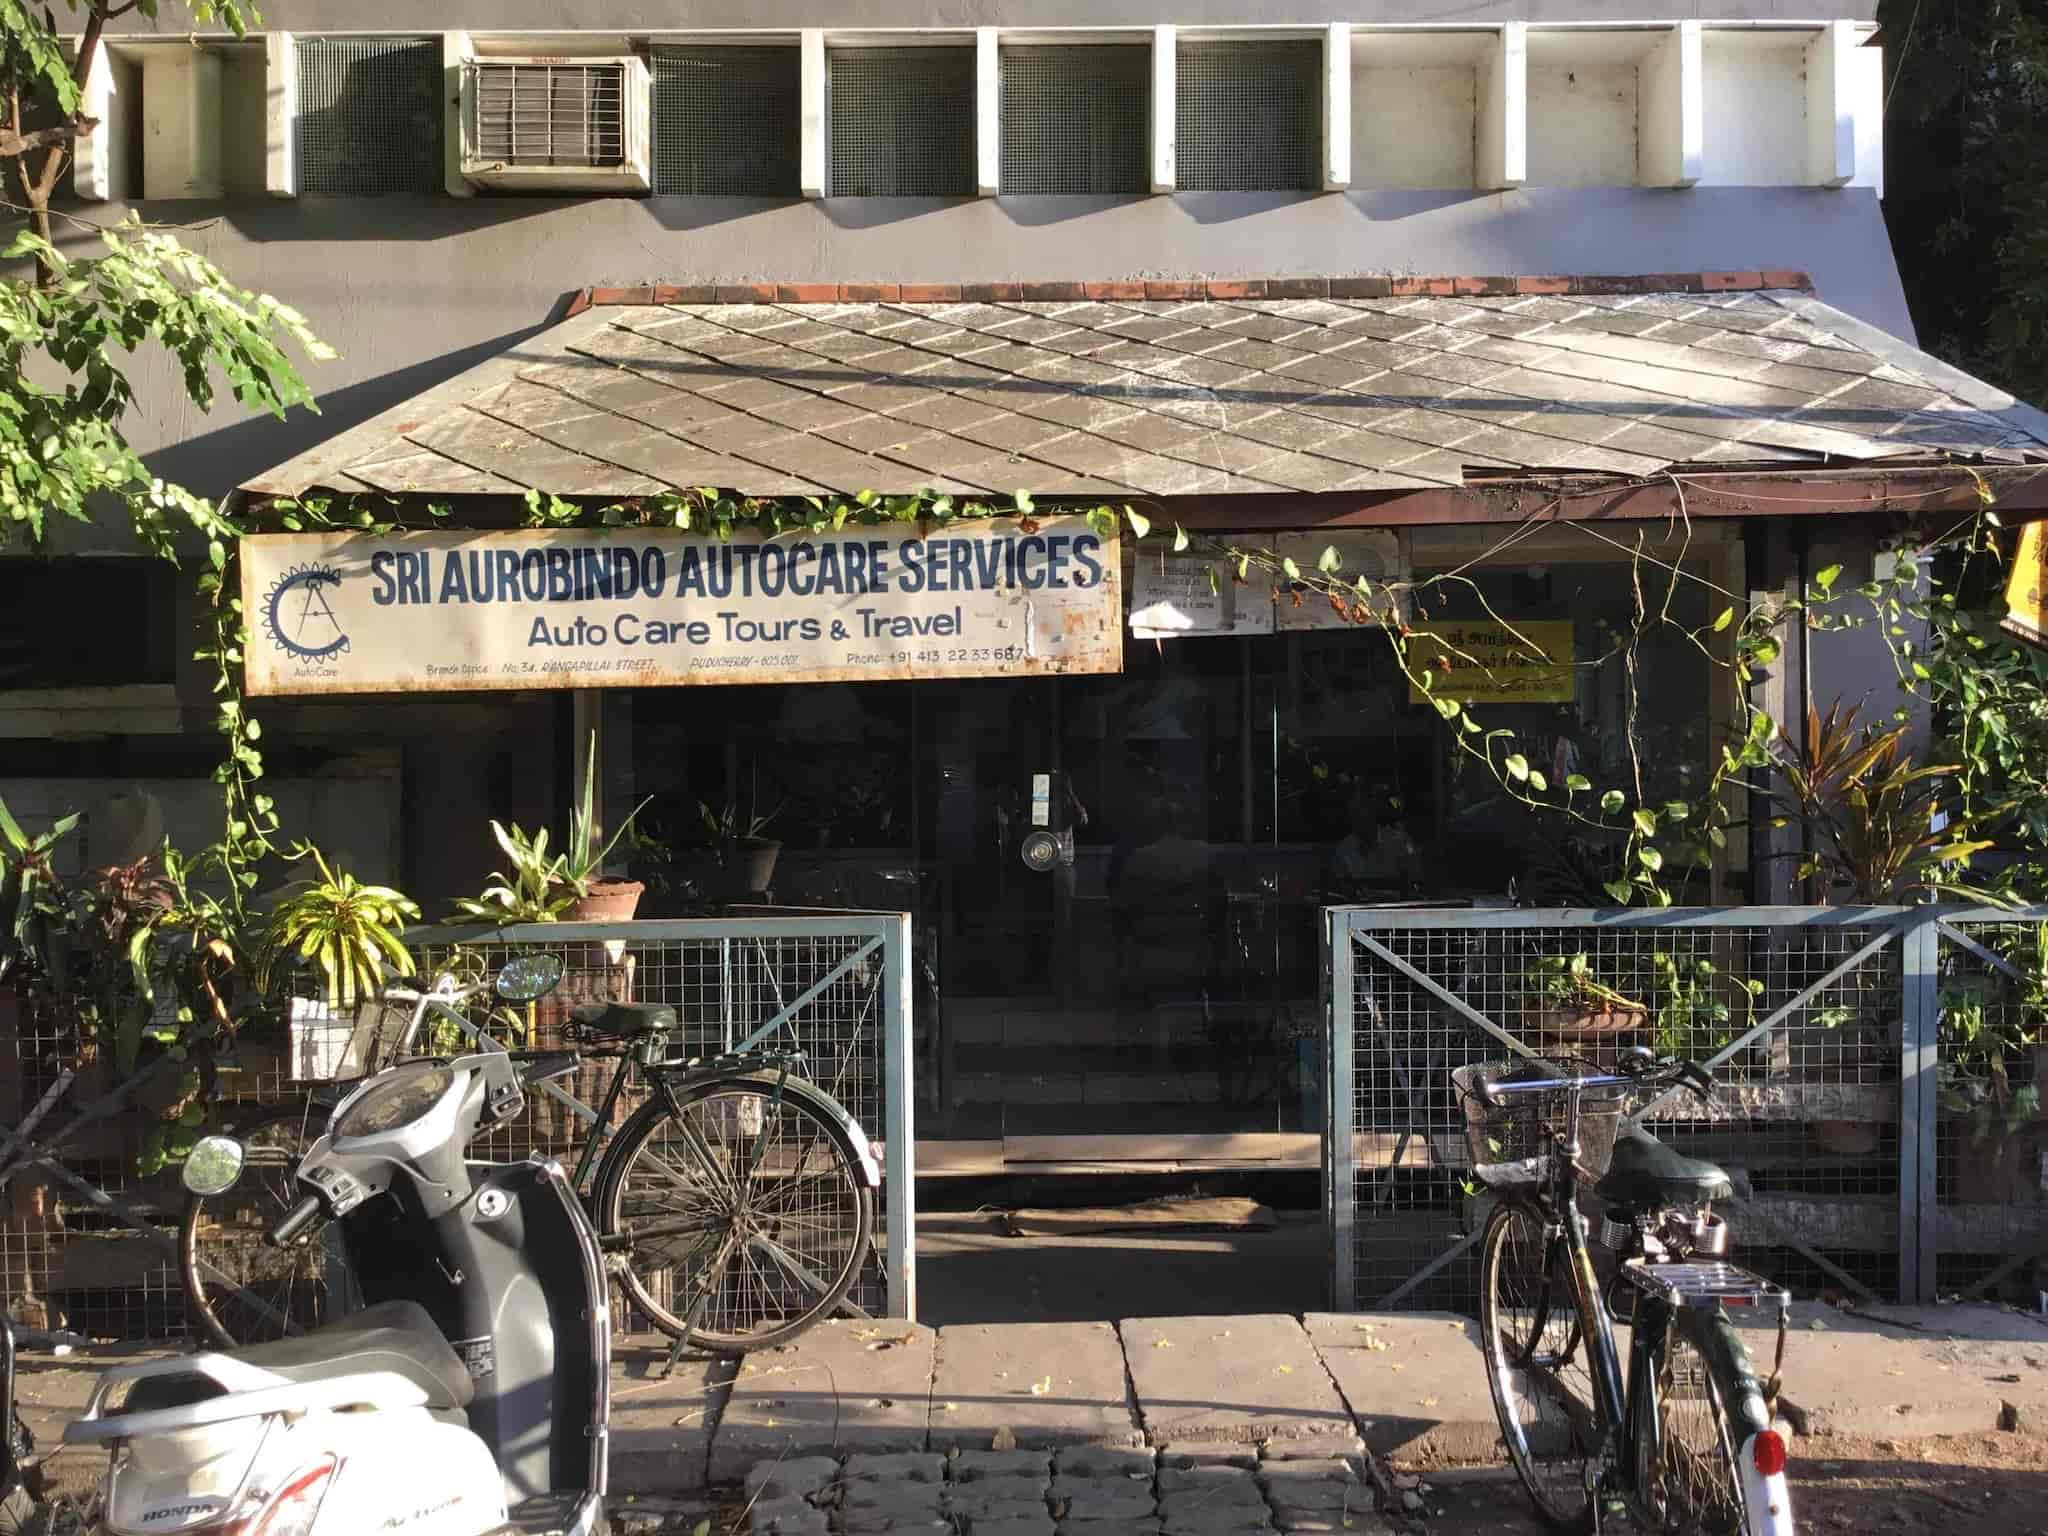 Sri Aurobindo Autocare Services Car Hire In Pondicherry Justdial